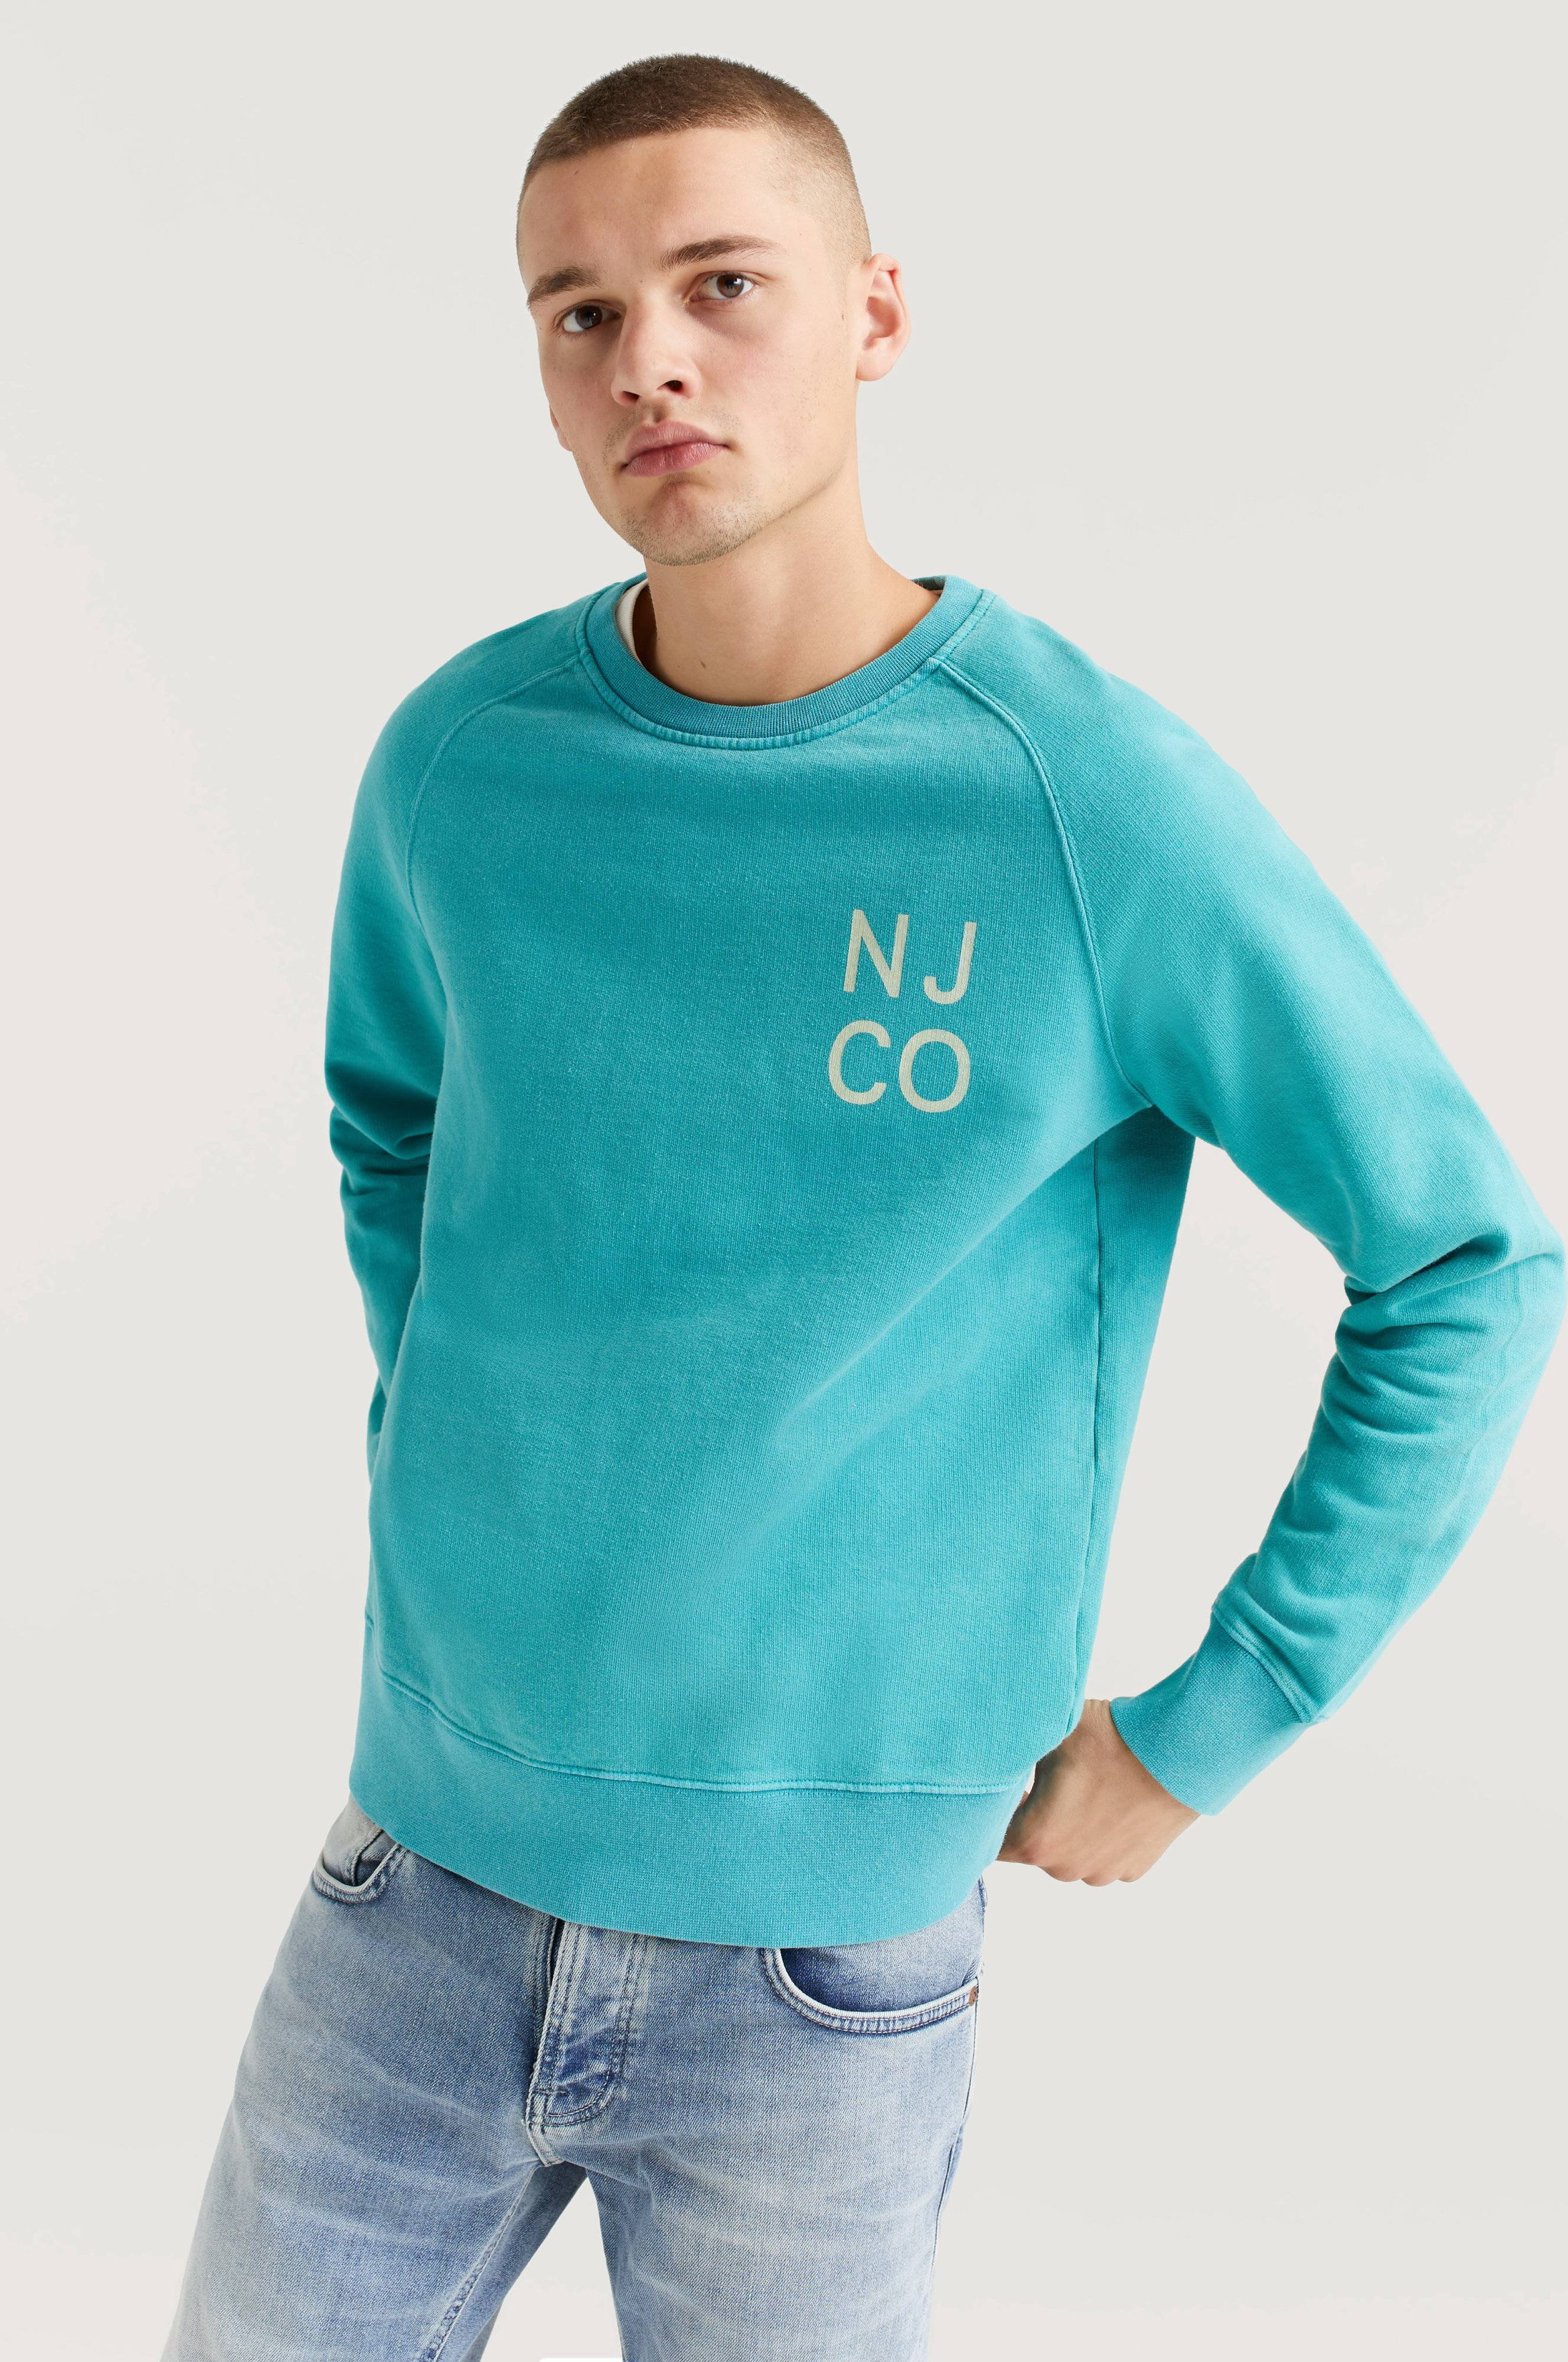 Nudie Jeans Melvin NJCO Blå